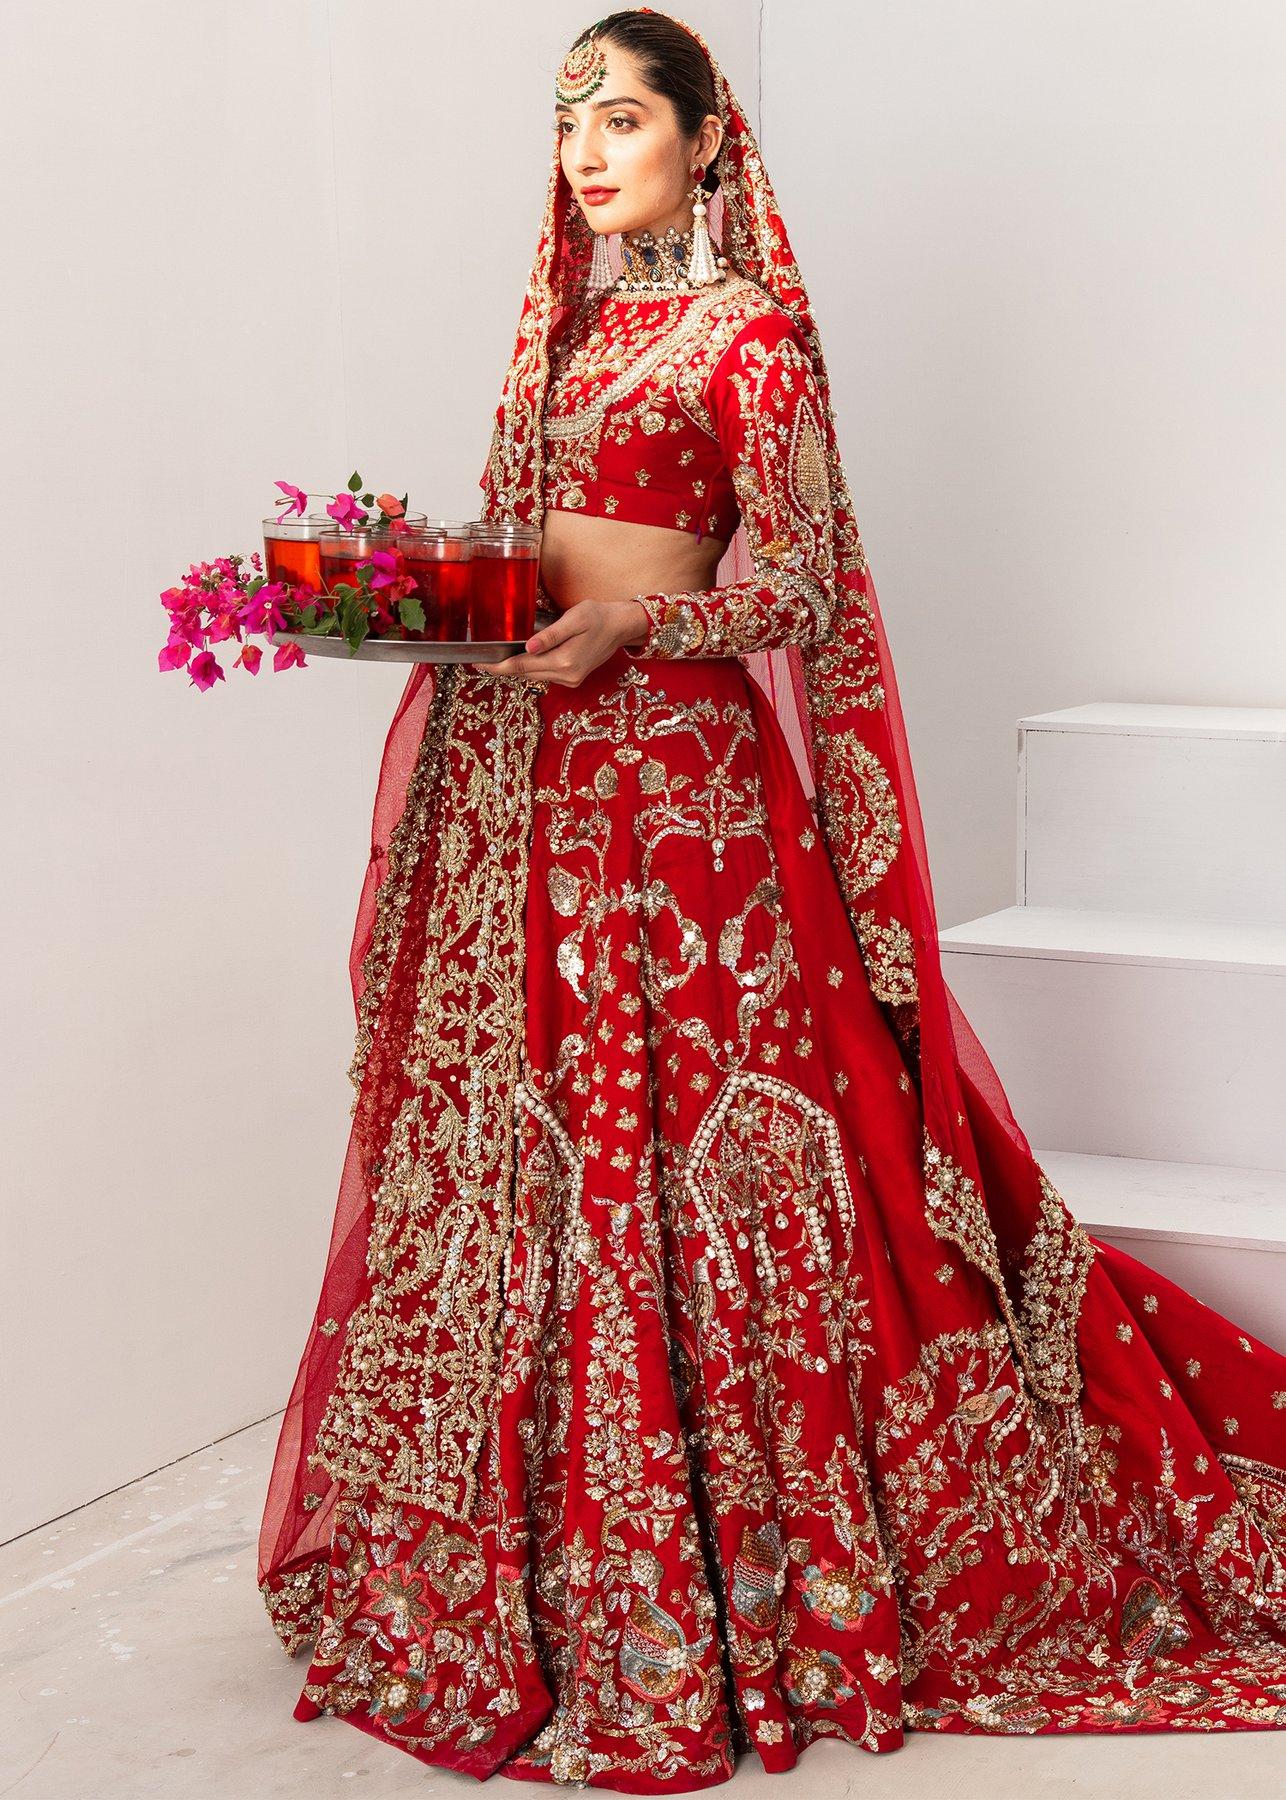 فساتين هندية باللون الأحمر